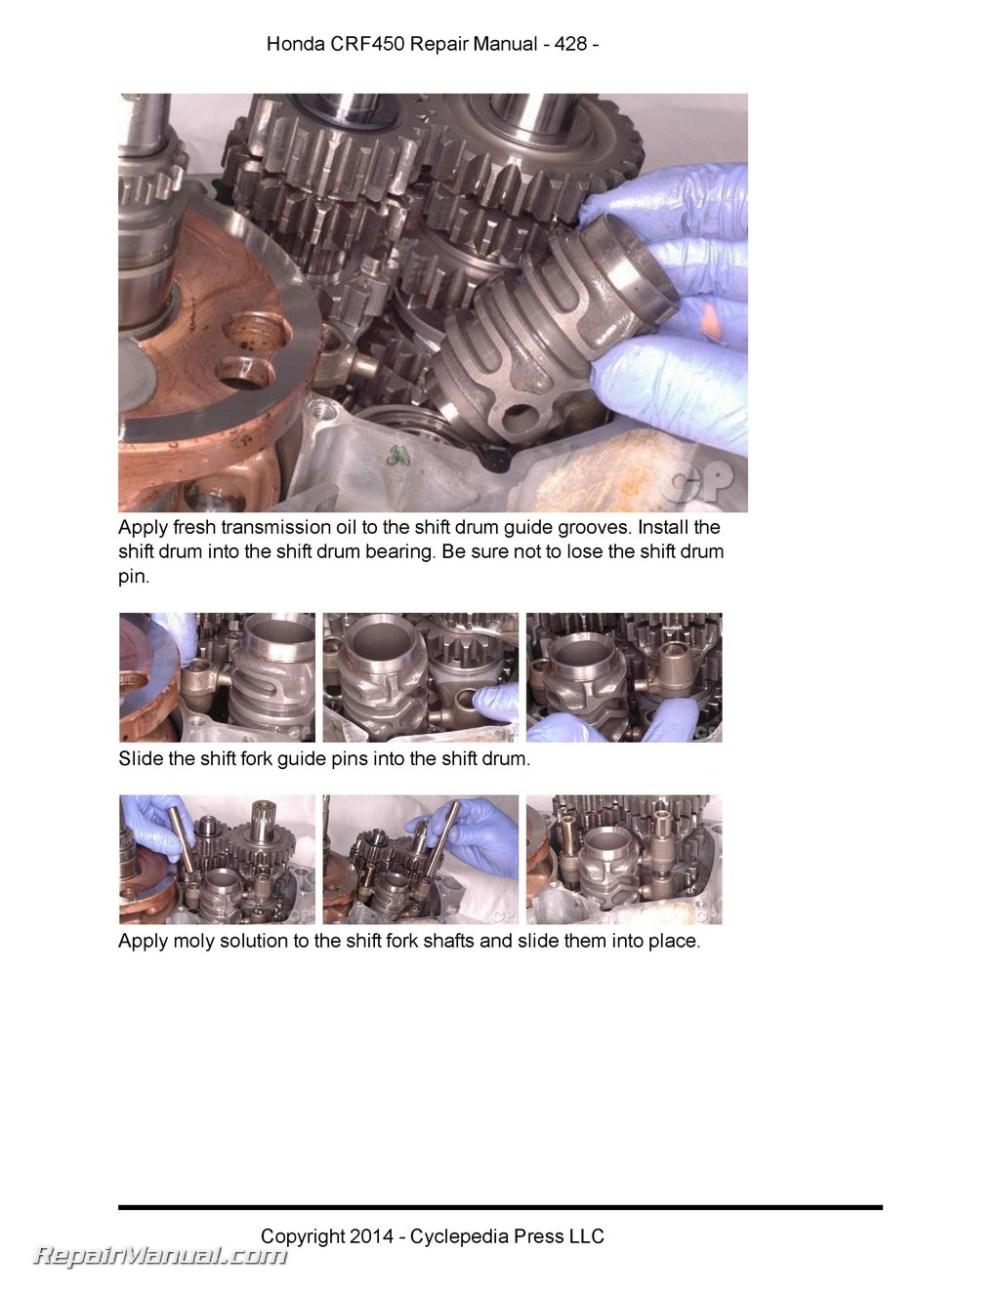 medium resolution of honda crf450r